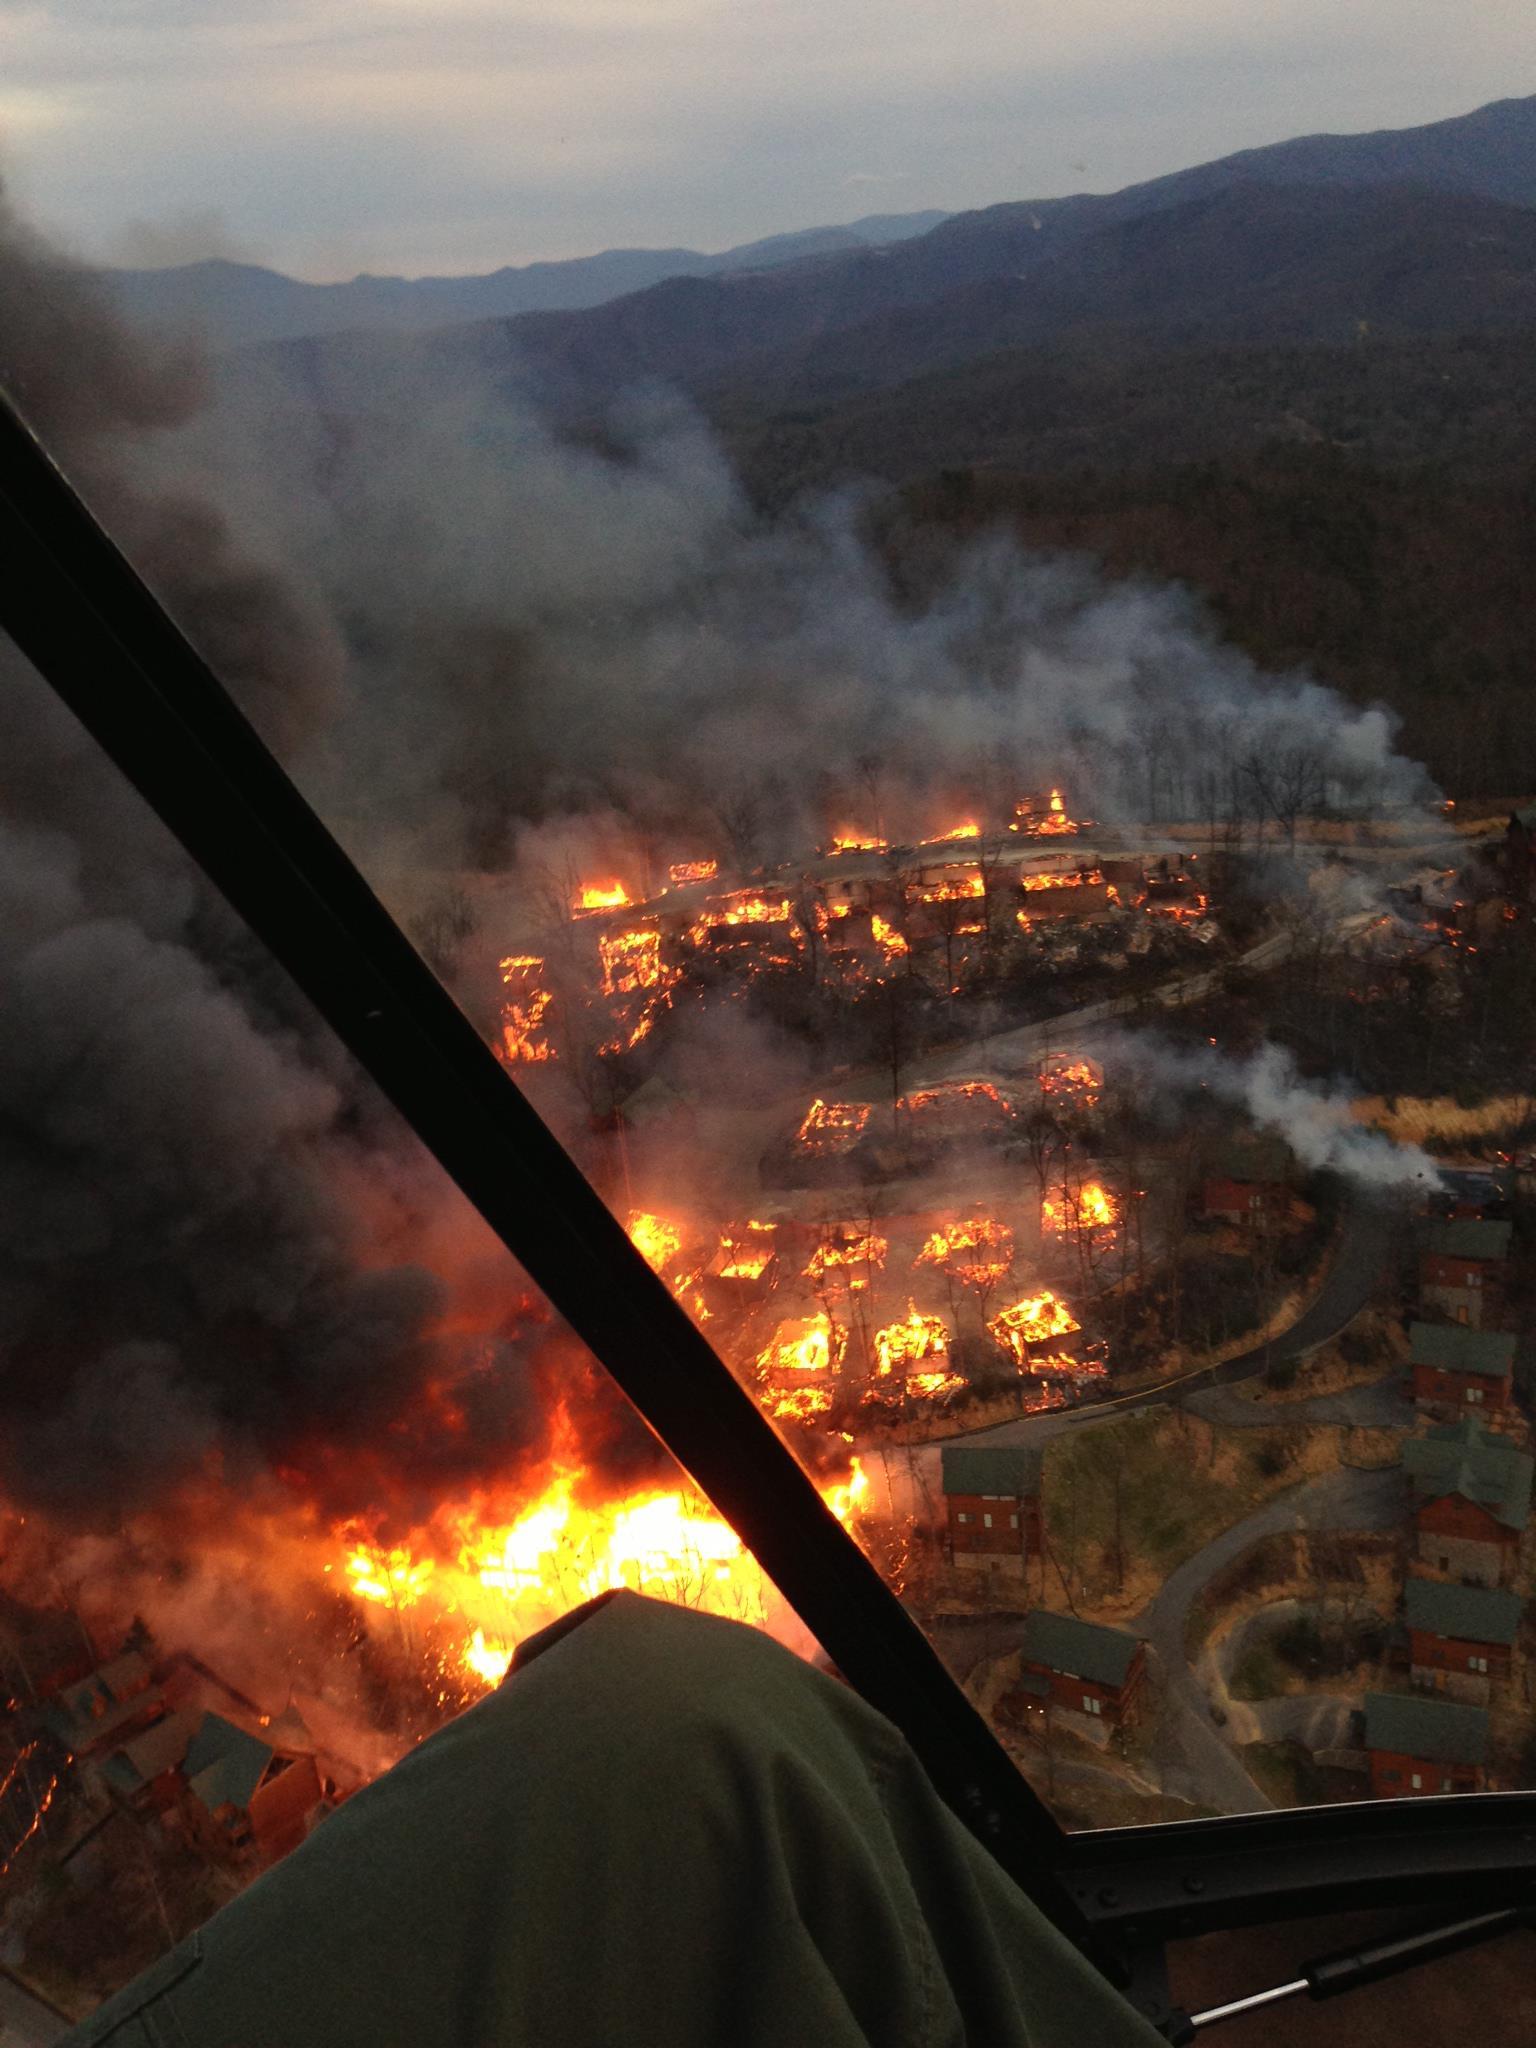 Fires In Gatlinburg Map : fires, gatlinburg, Pigeon, Forge, Cabins